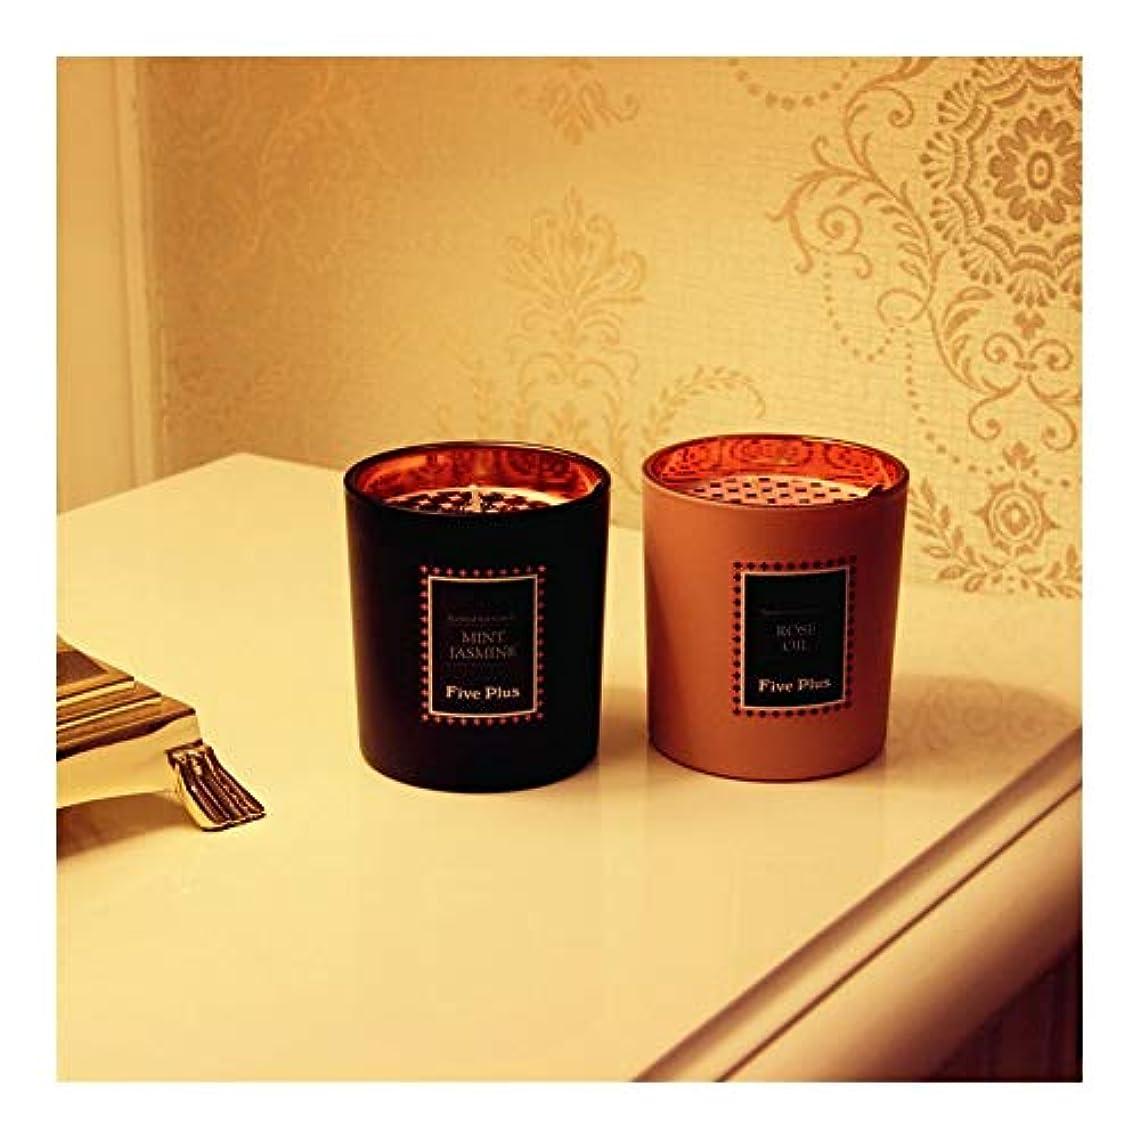 徴収ゾーンオーラルZtian キャンドルのガラス充填ワックスクリエイティブな雰囲気の設定の赤黒セット